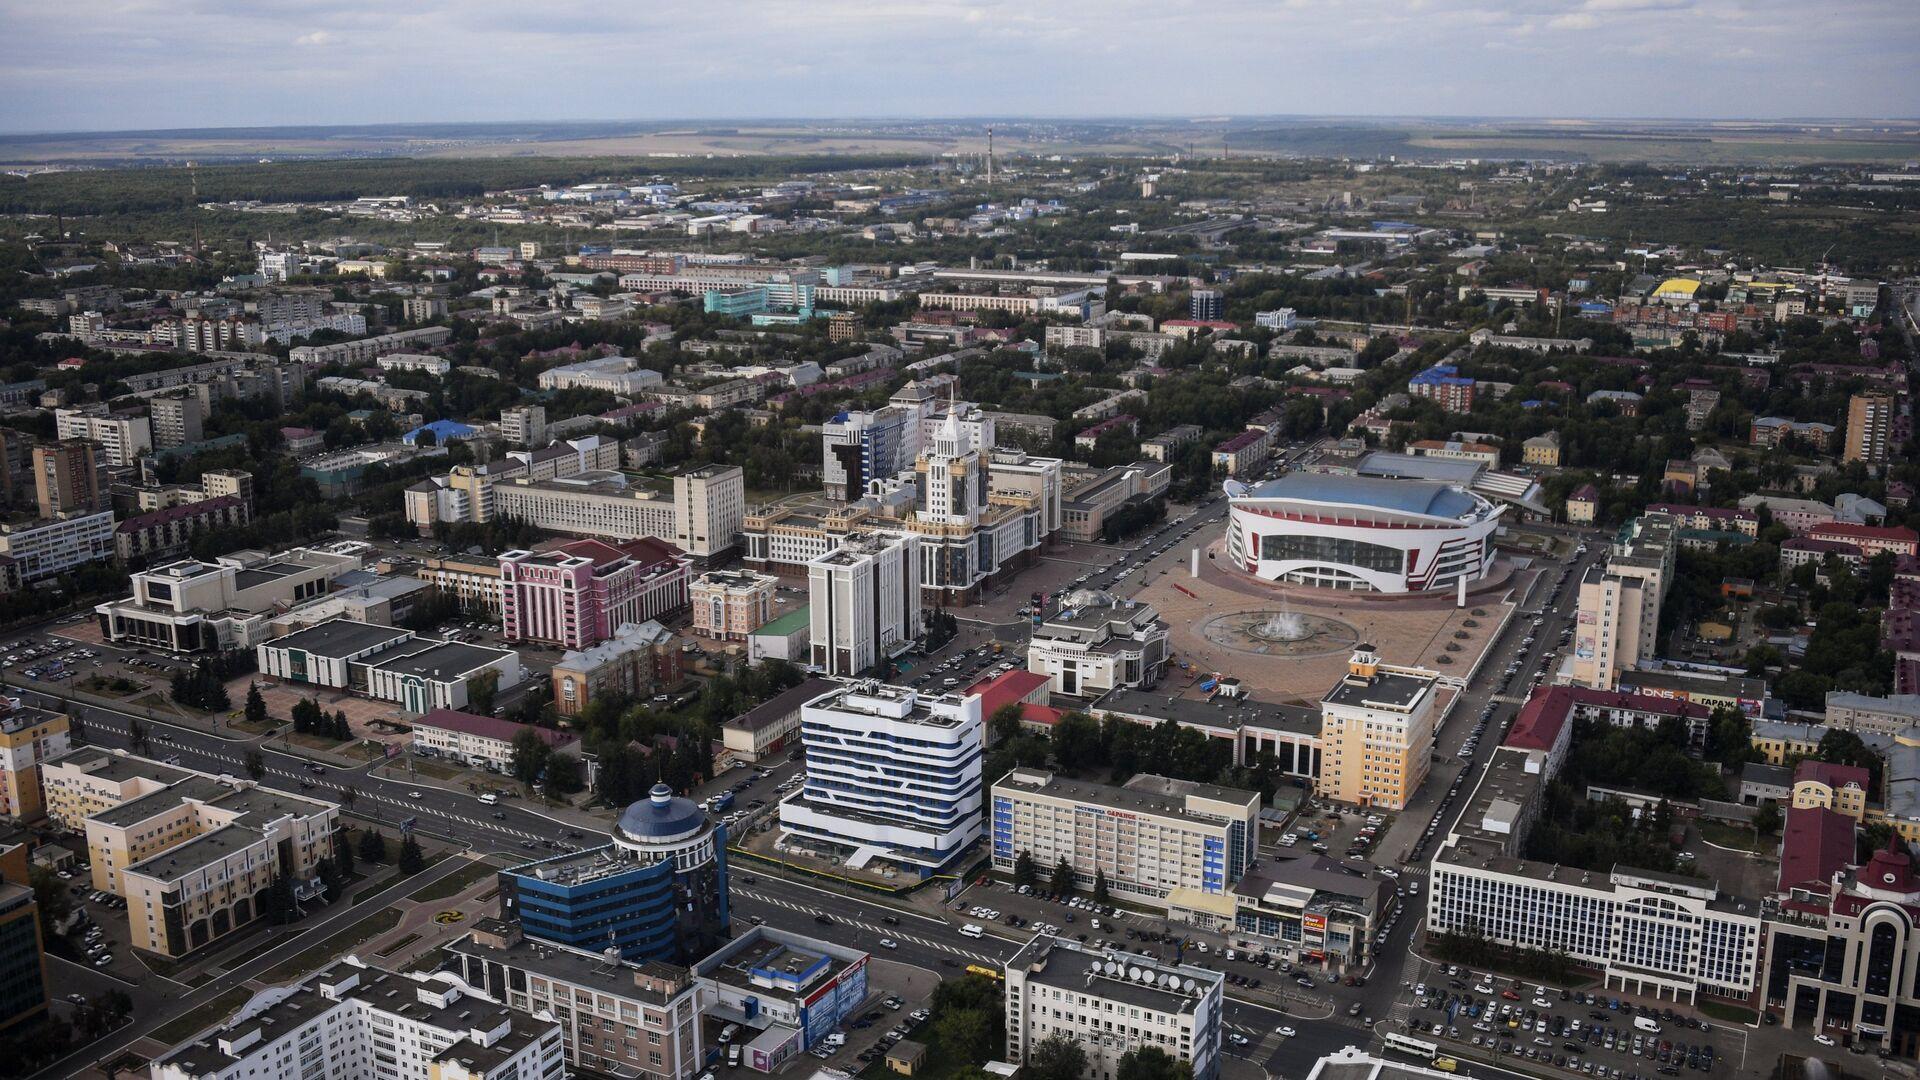 Площадь Тысячелетия в Саранске - РИА Новости, 1920, 01.10.2020